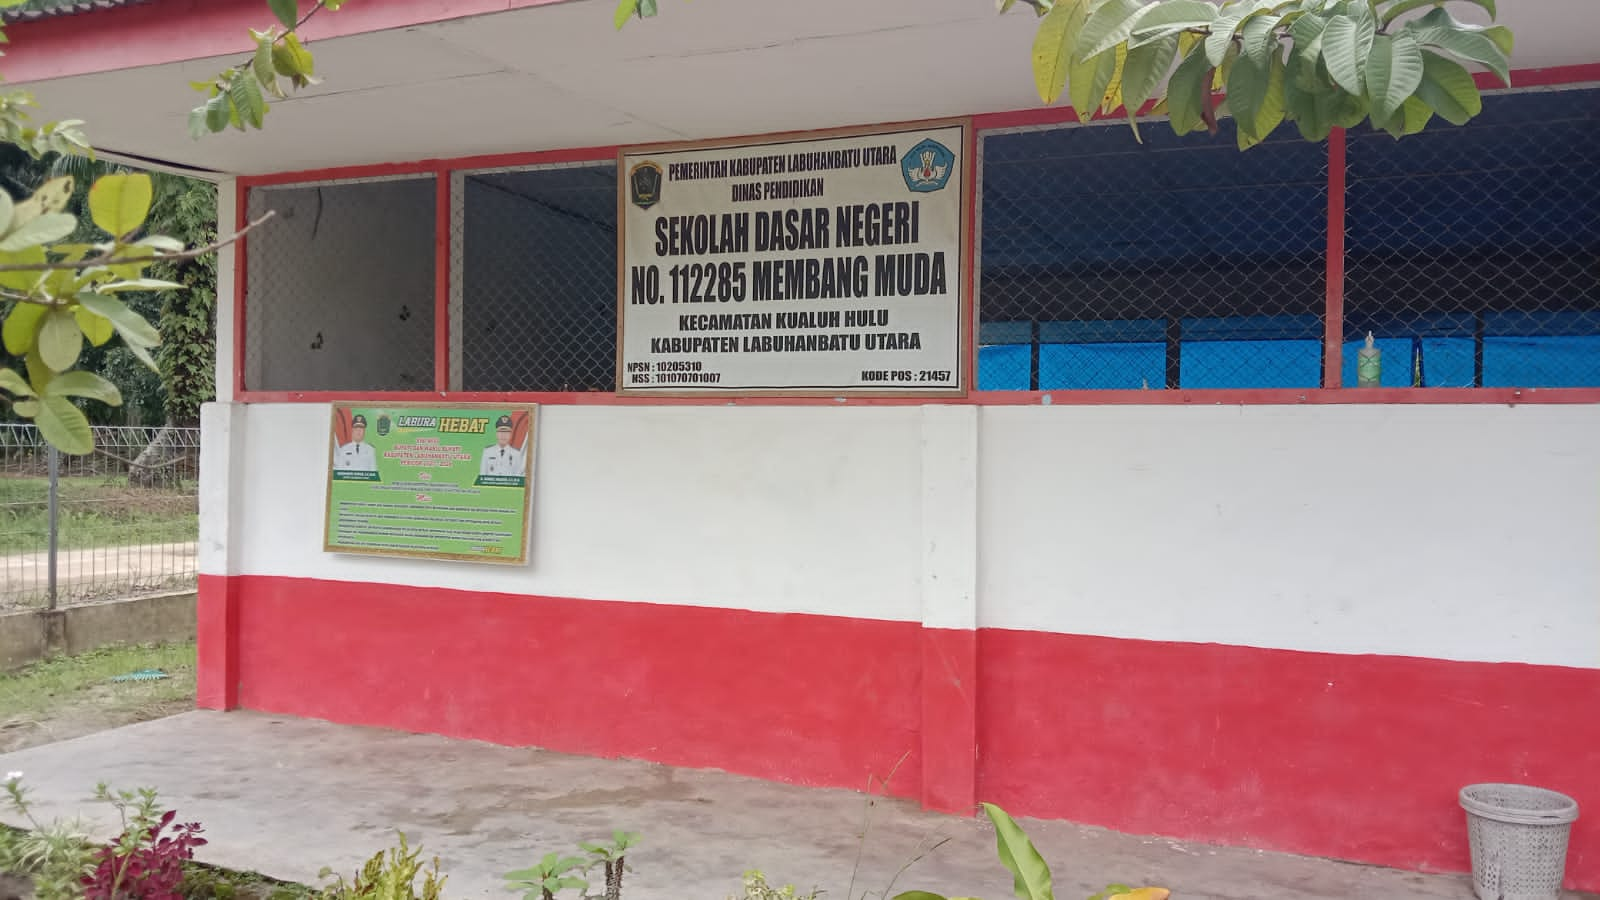 SD MAMBANG MUDA 112285